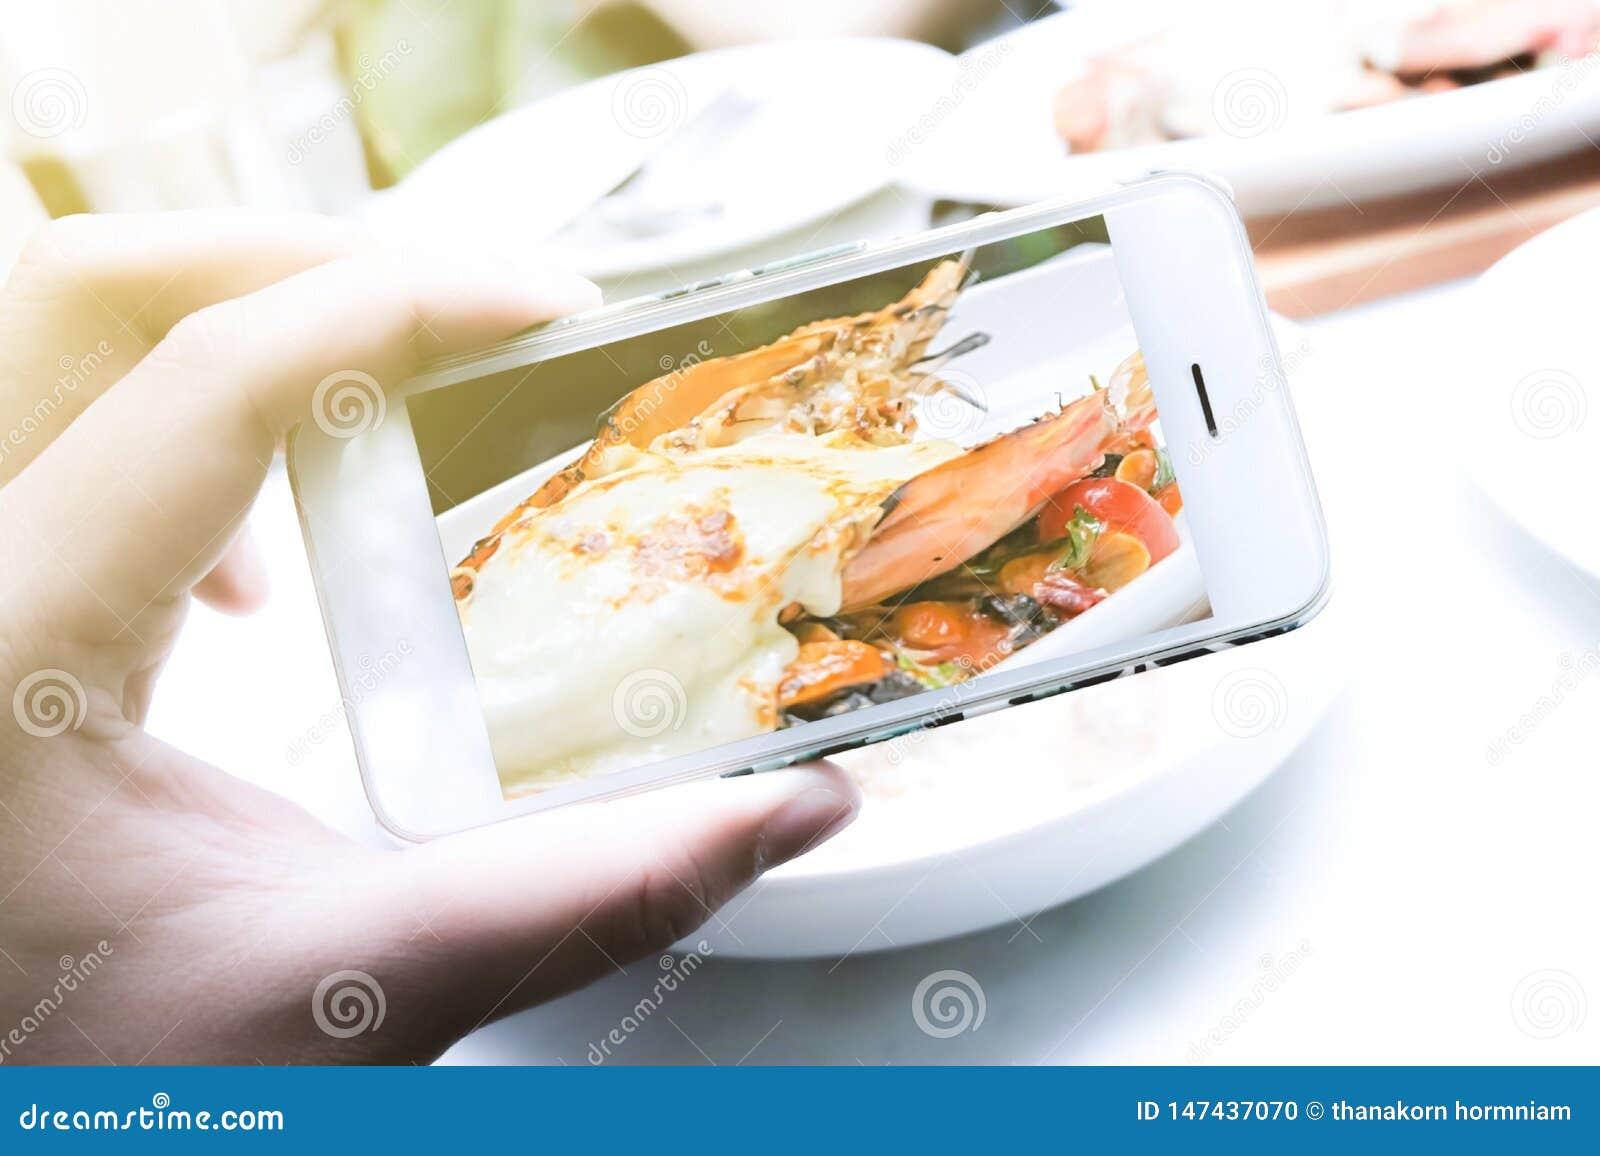 Девушки используют смартфоны, фотографируют еда в ресторанах